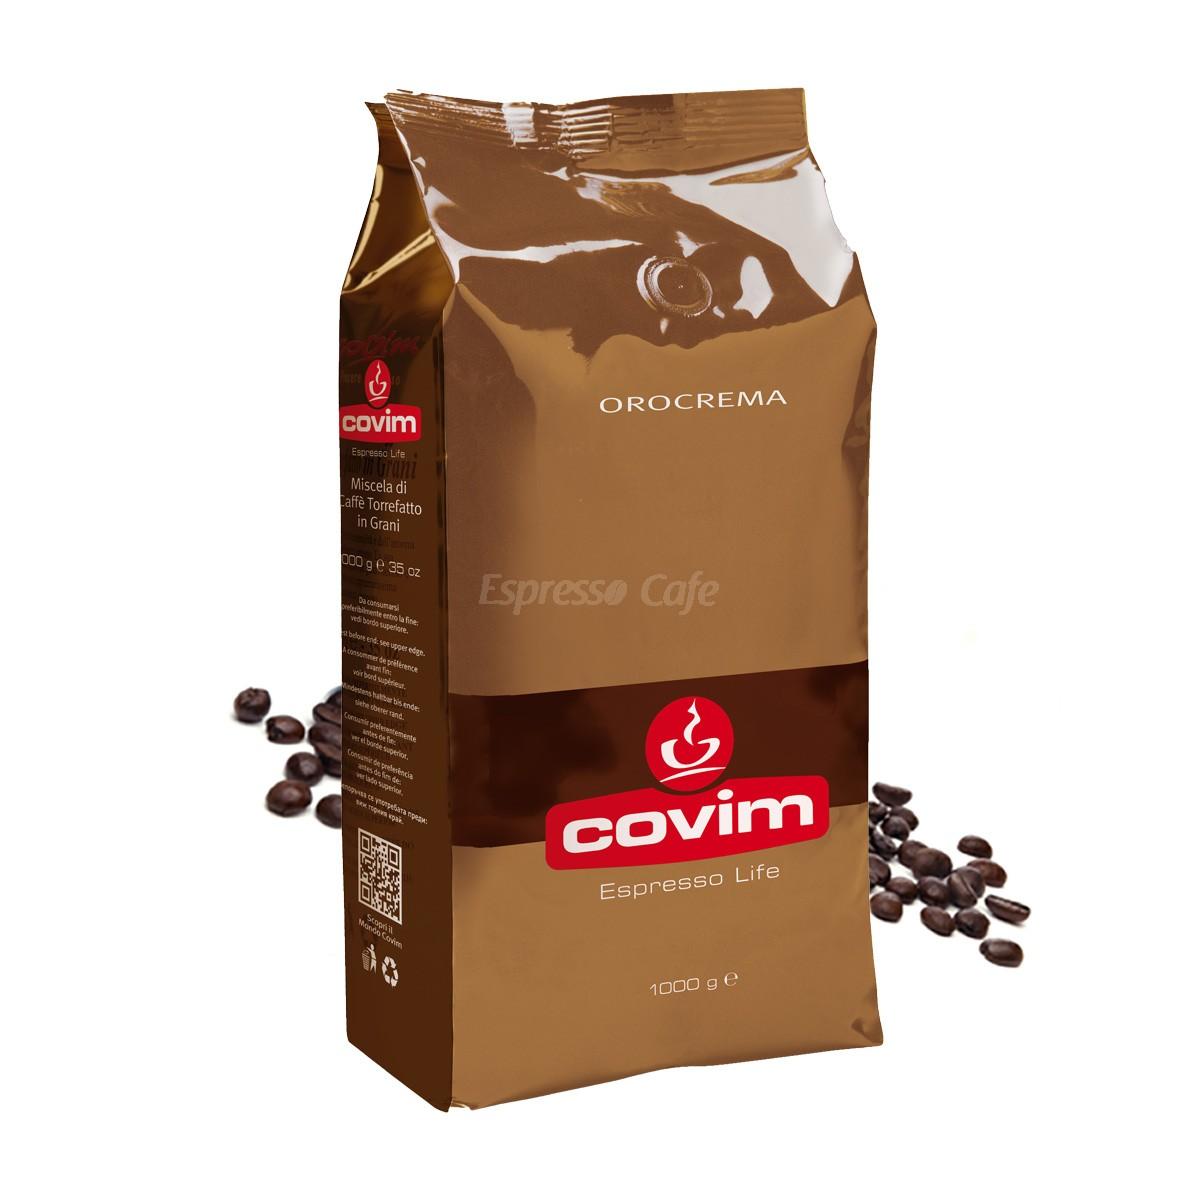 Covim Orocrema cafea boabe 1 kg